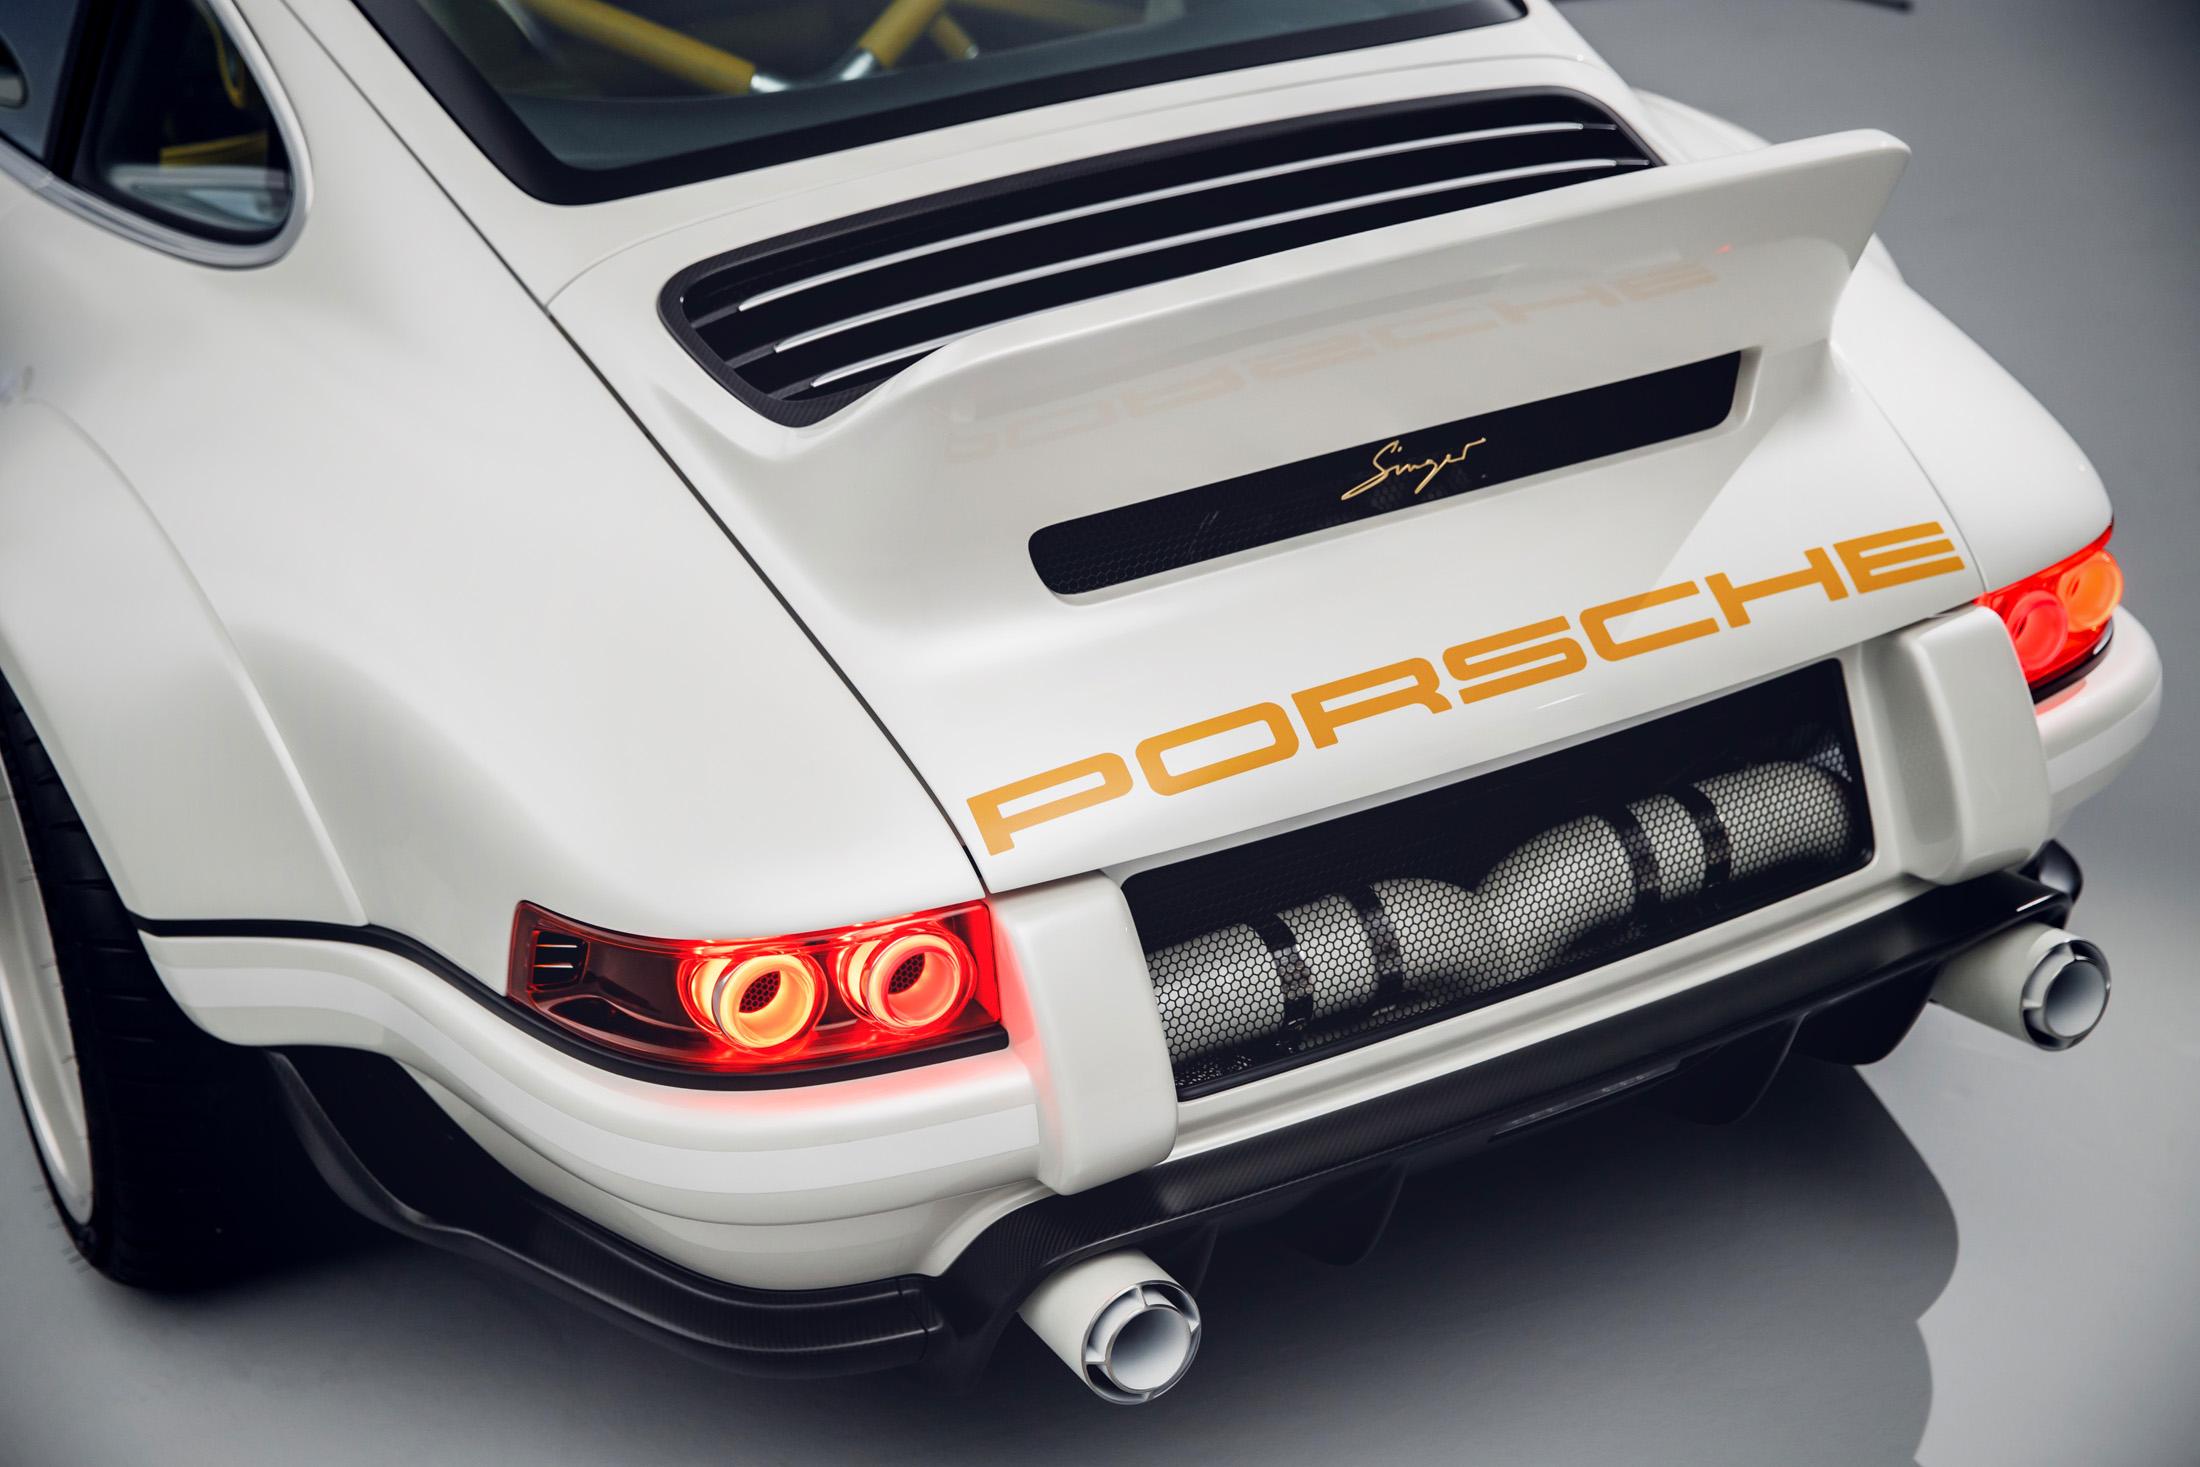 singer vehicle design s porsche 911 dls nuvo. Black Bedroom Furniture Sets. Home Design Ideas